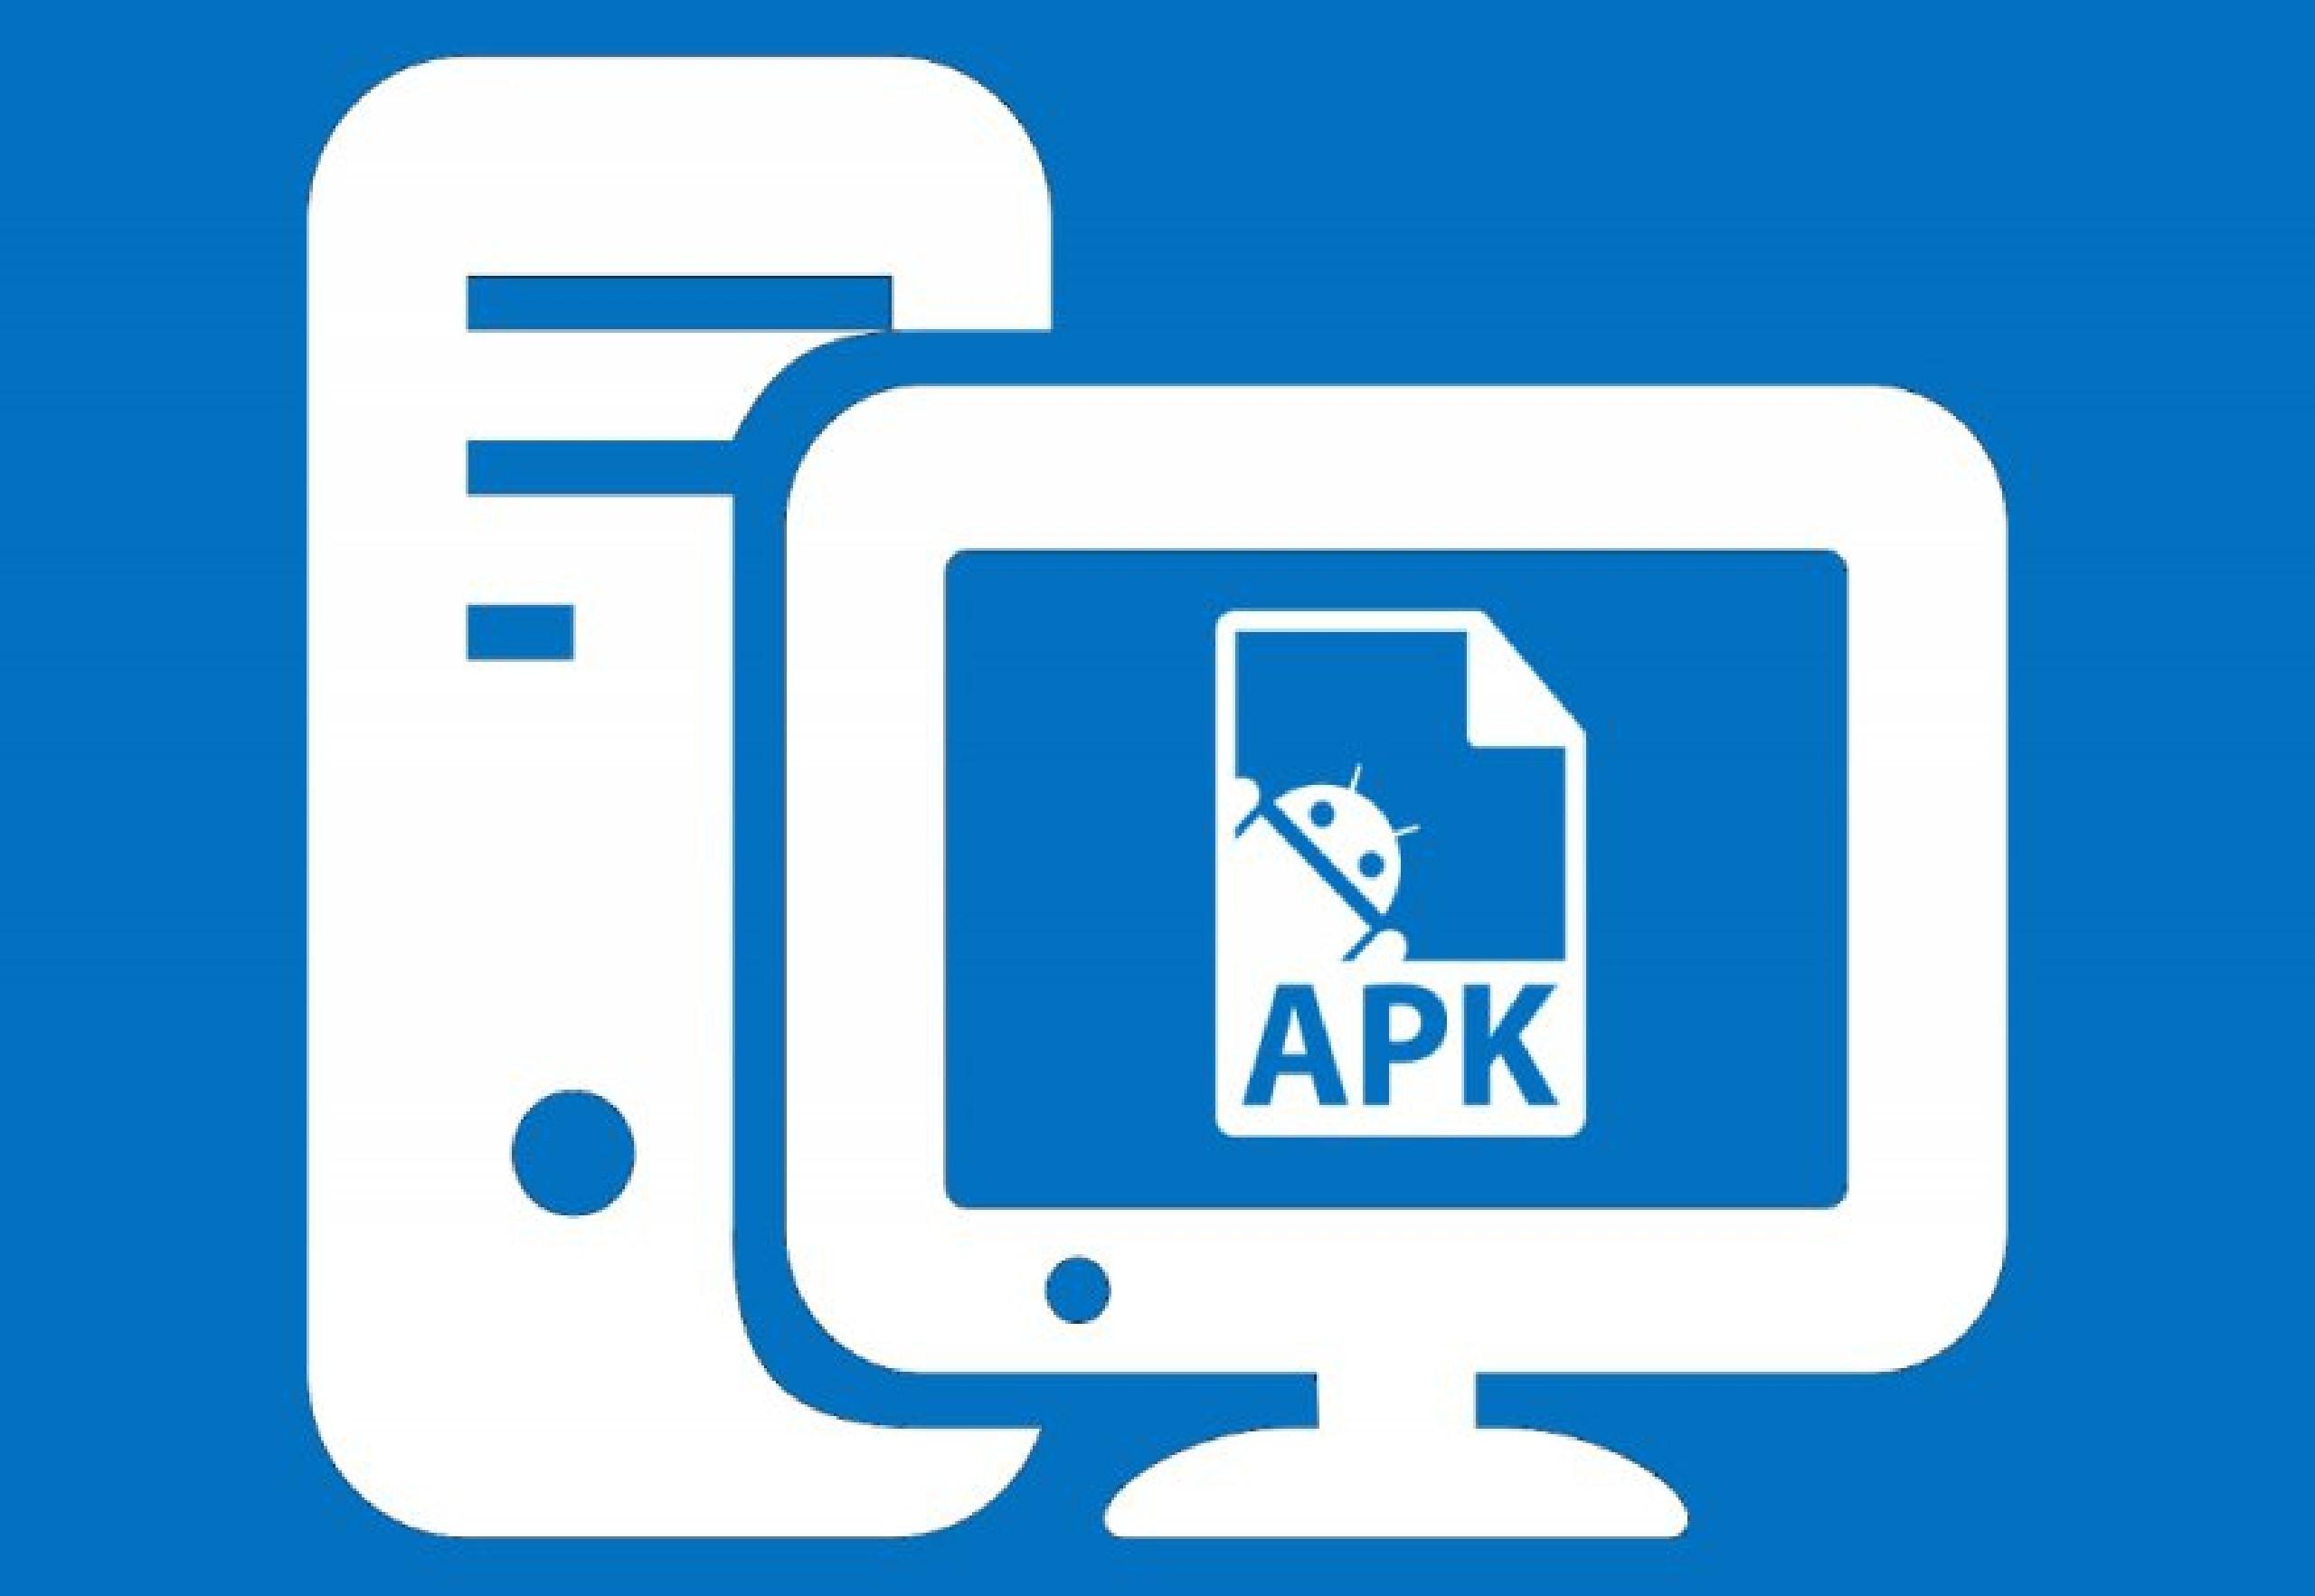 Cómo abrir archivos apk en PC